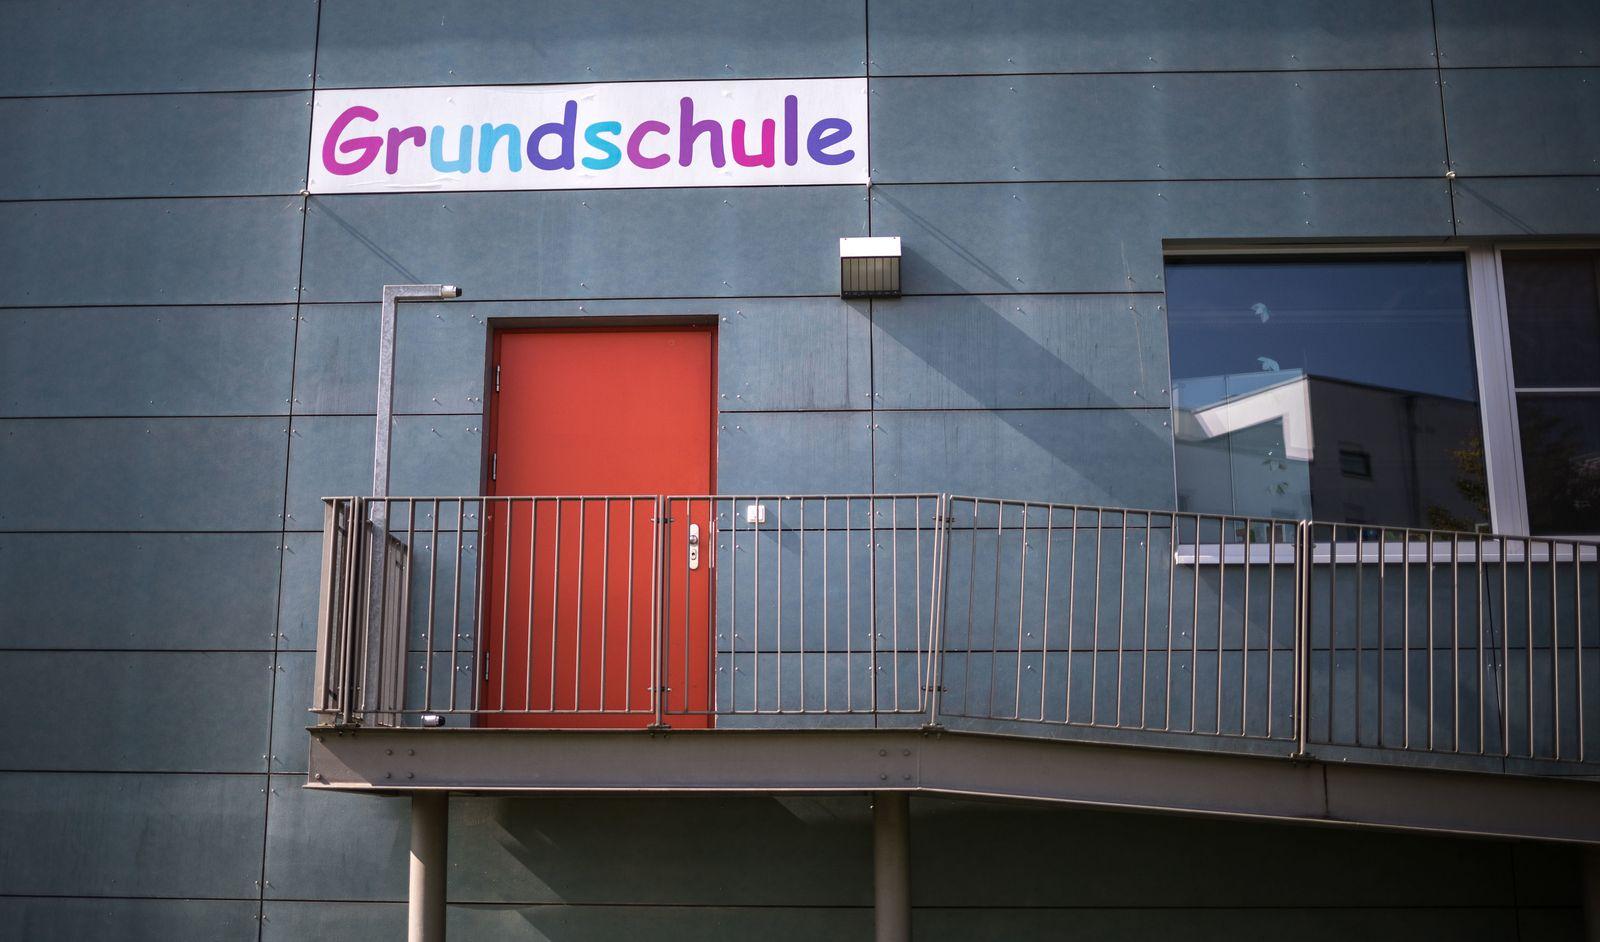 Grundsschule